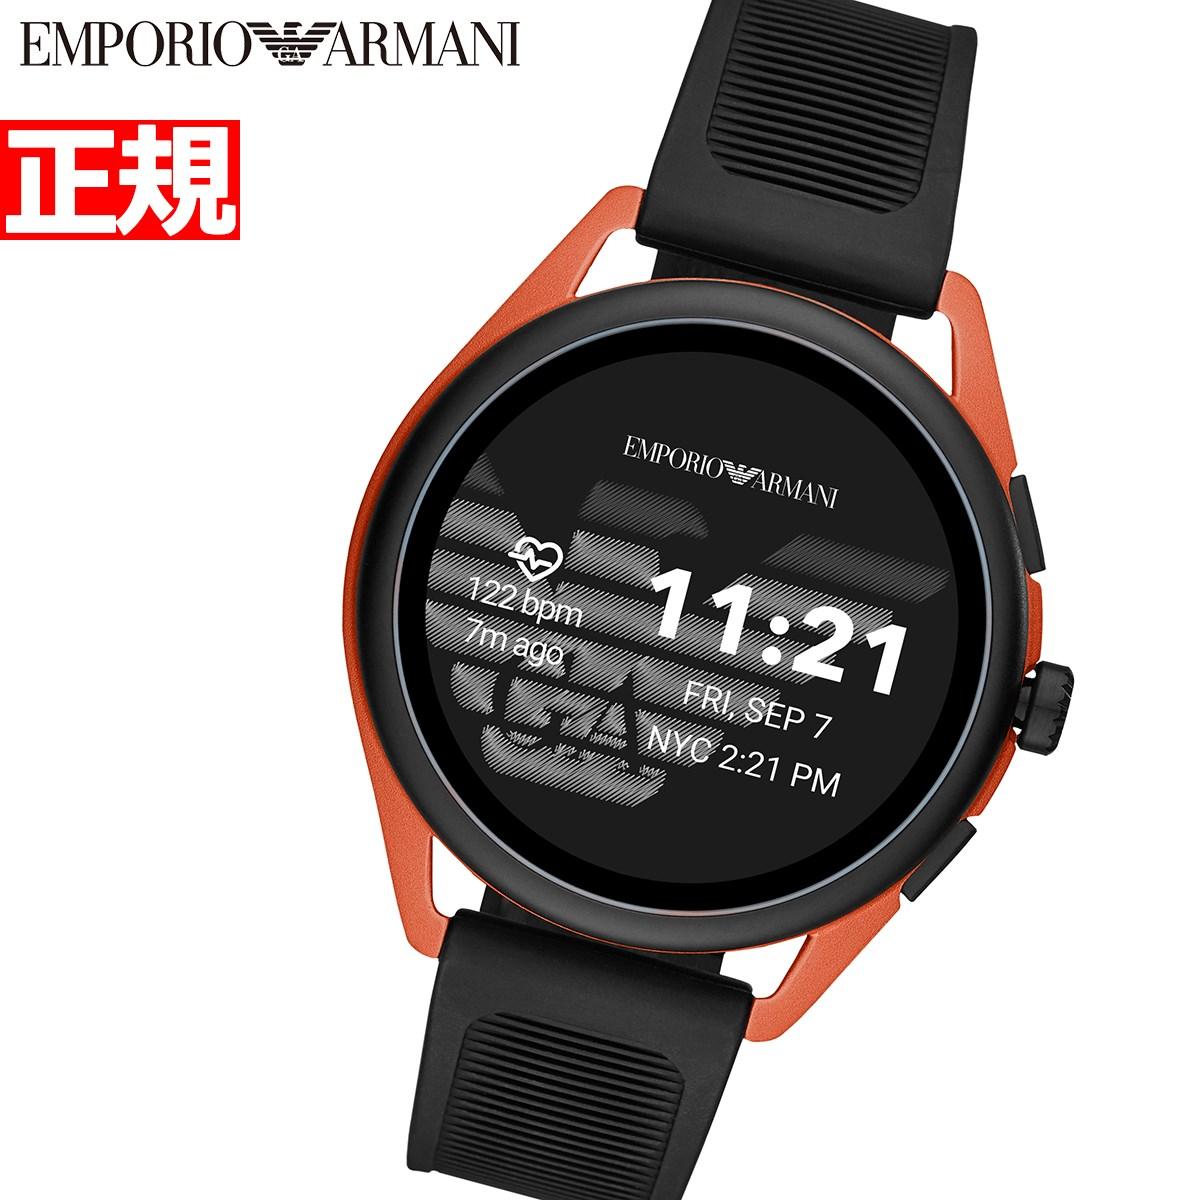 【5日0時~♪10%OFFクーポン&店内ポイント最大51倍!5日23時59分まで】エンポリオアルマーニ EMPORIO ARMANI コネクテッド スマートウォッチ ウェアラブル 腕時計 メンズ ART5025